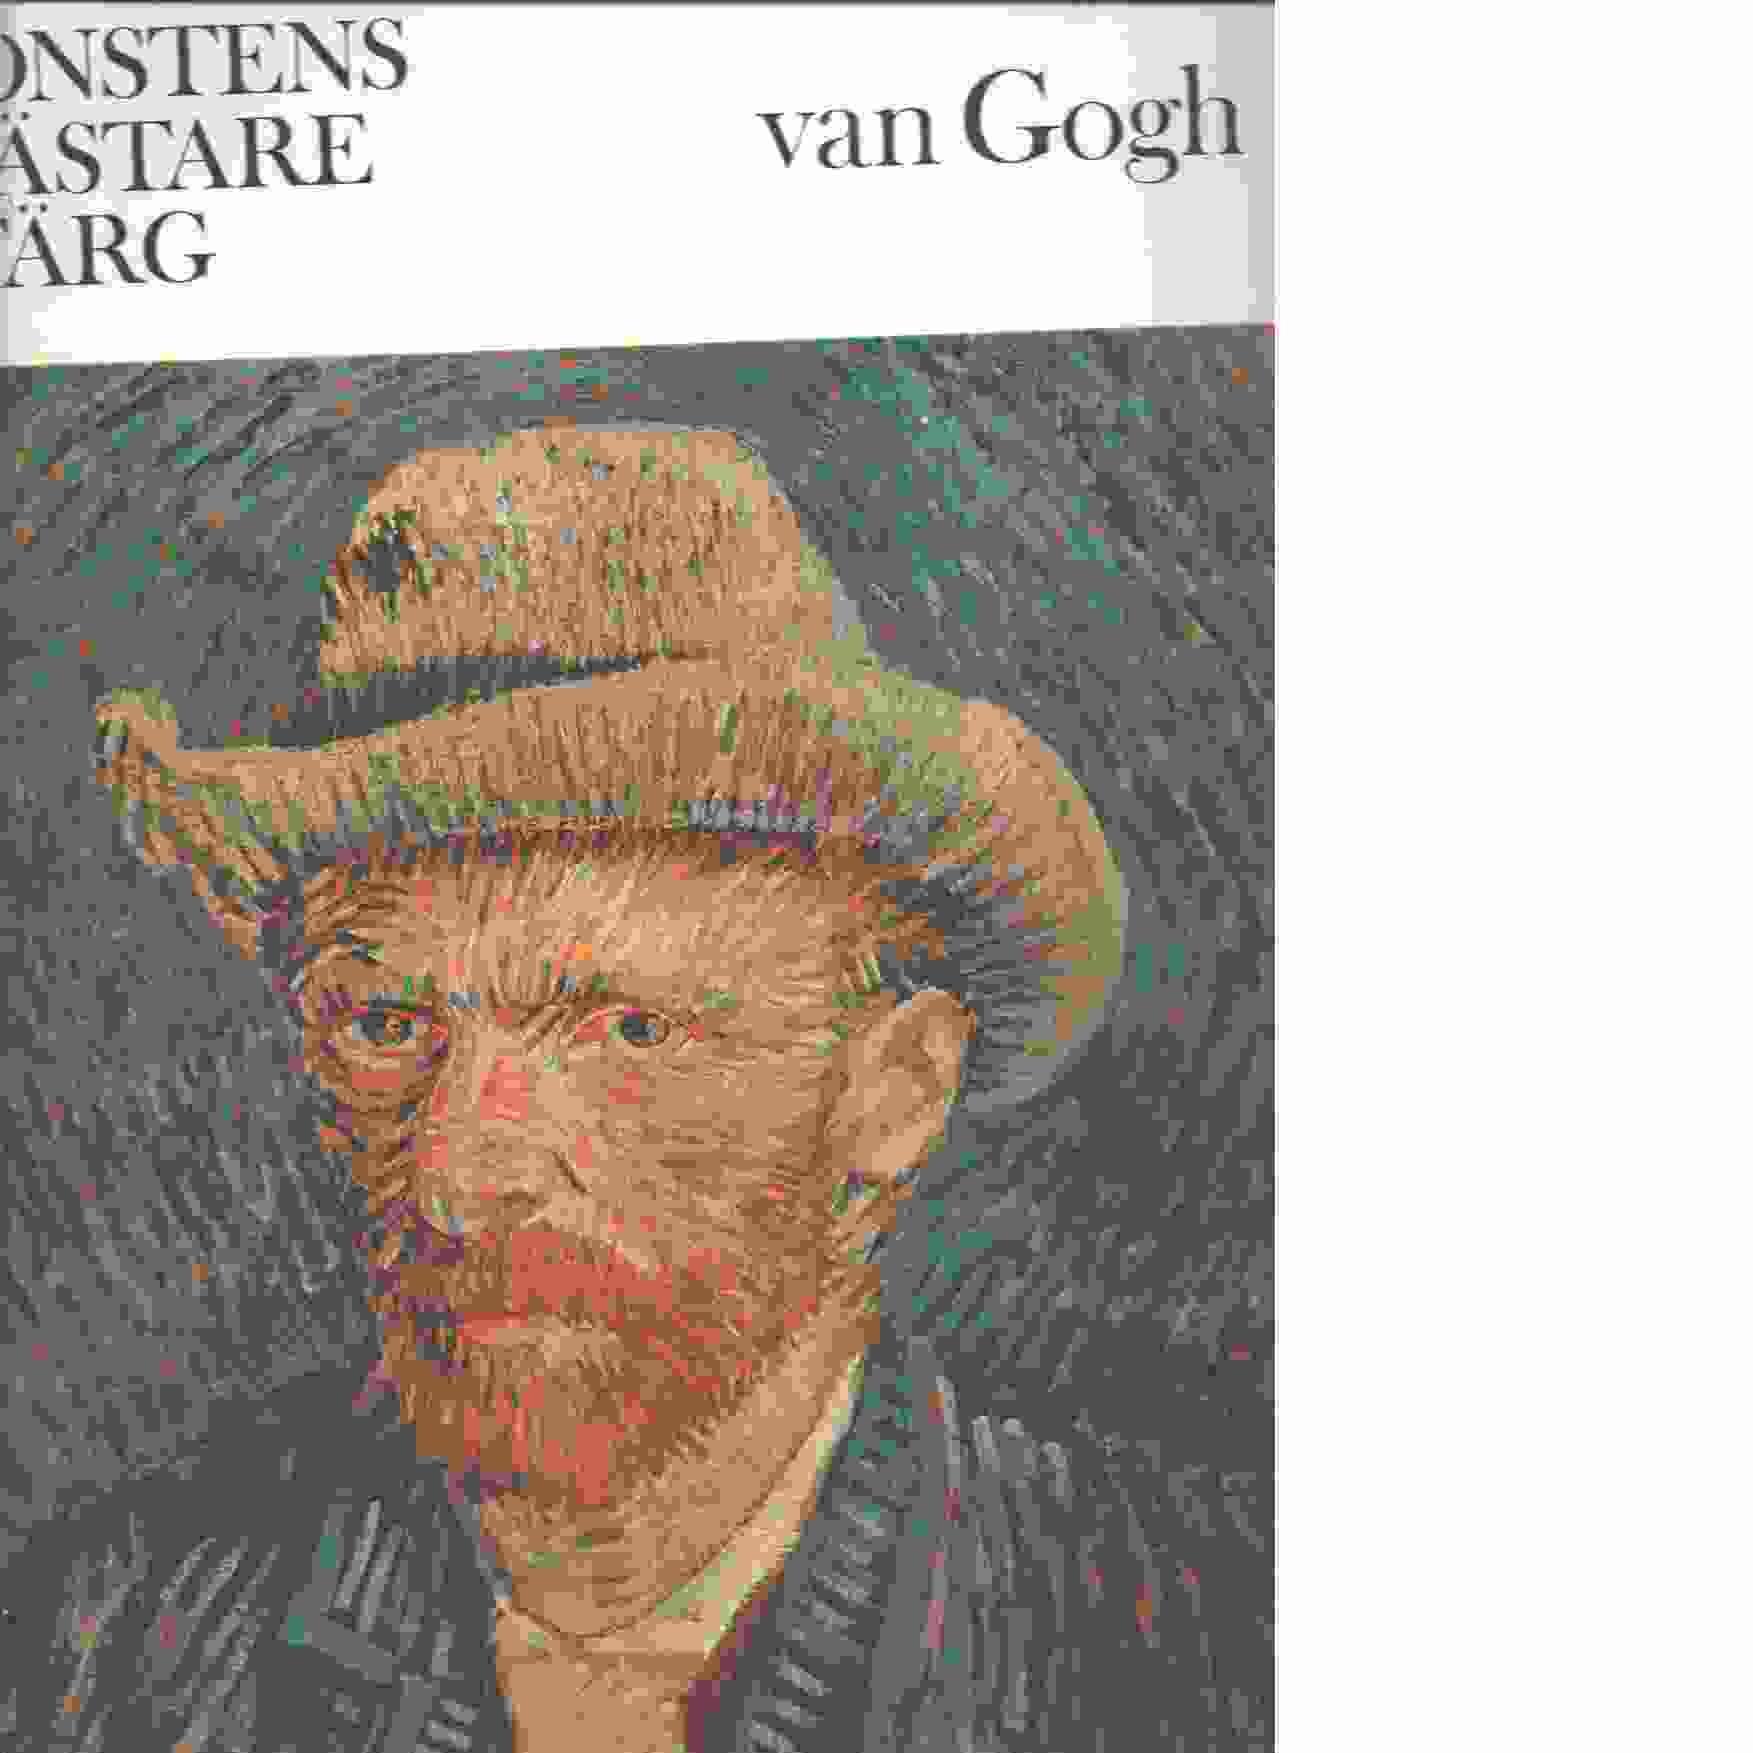 Konstens mästare i färg. 2, van Gogh - Karling, Sten och Martini, Alberto